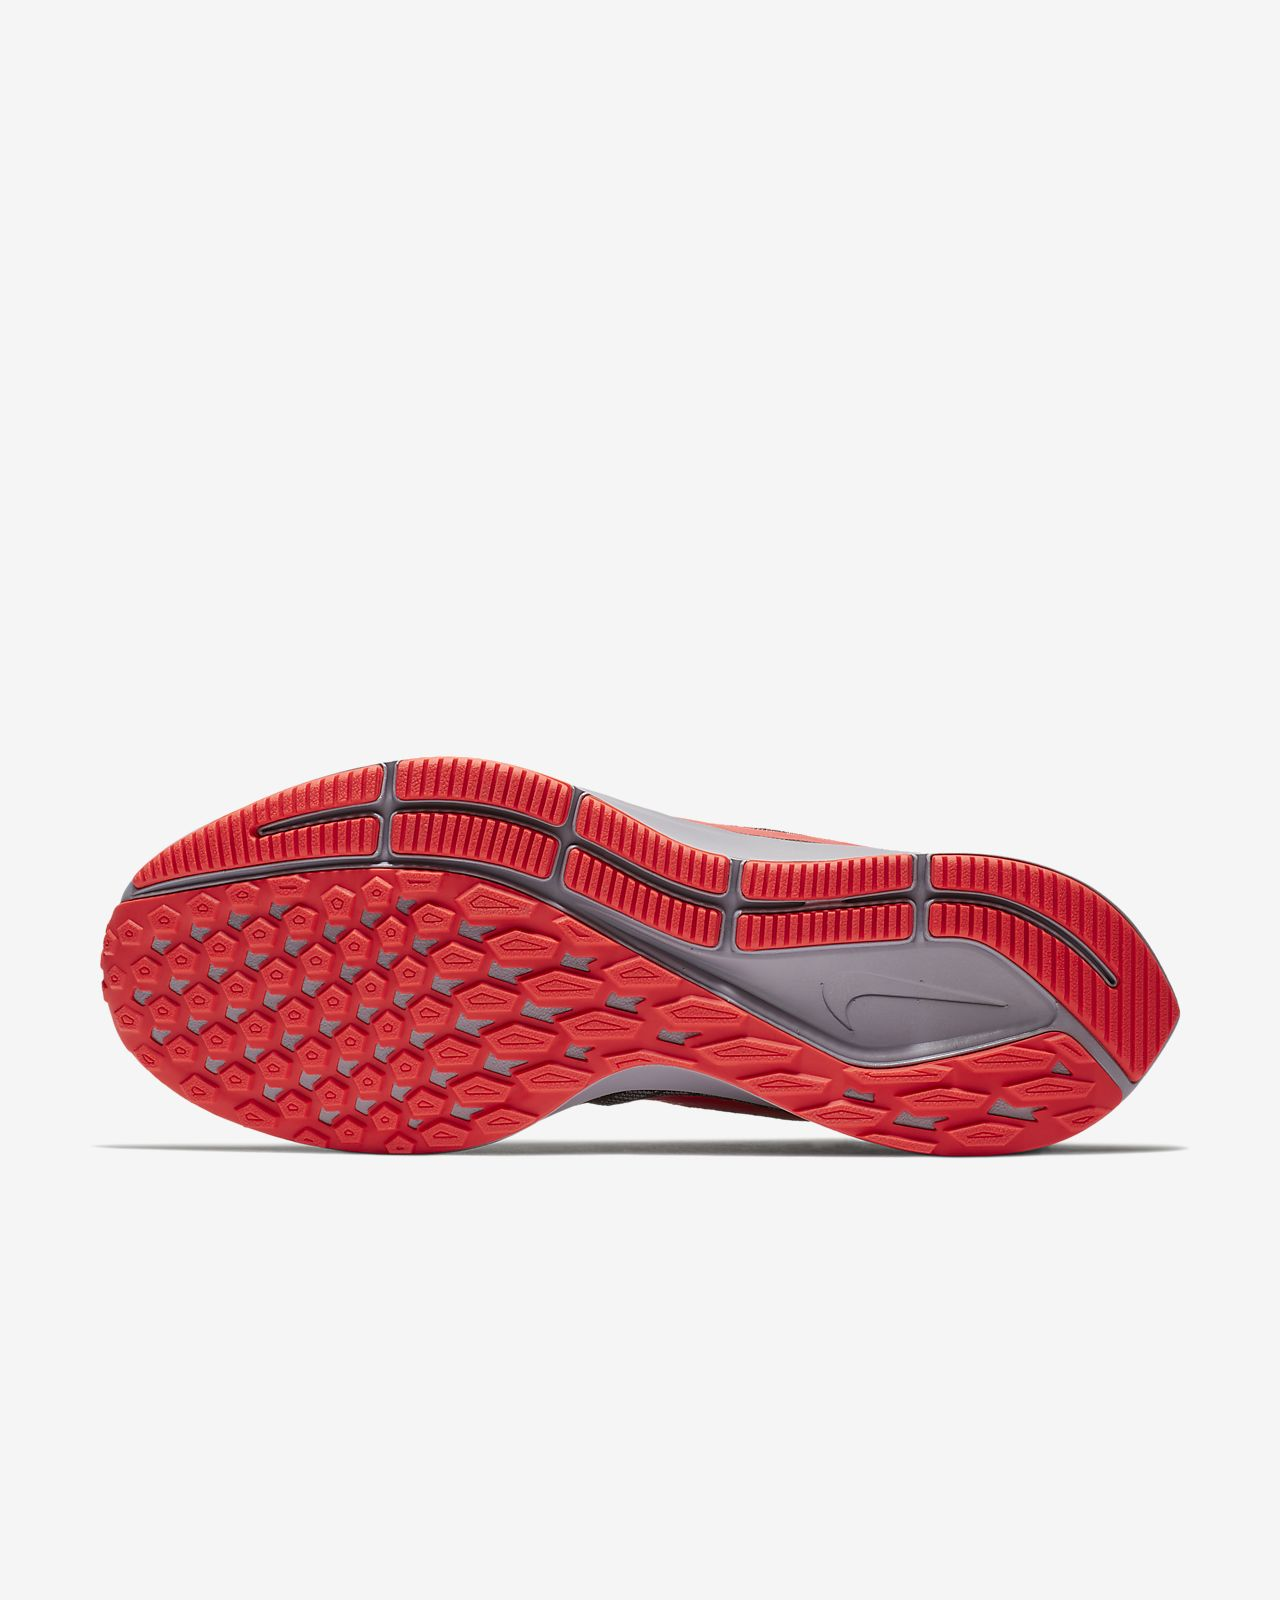 72c61310faae Nike Air Zoom Pegasus 35 Men s Running Shoe. Nike.com AU